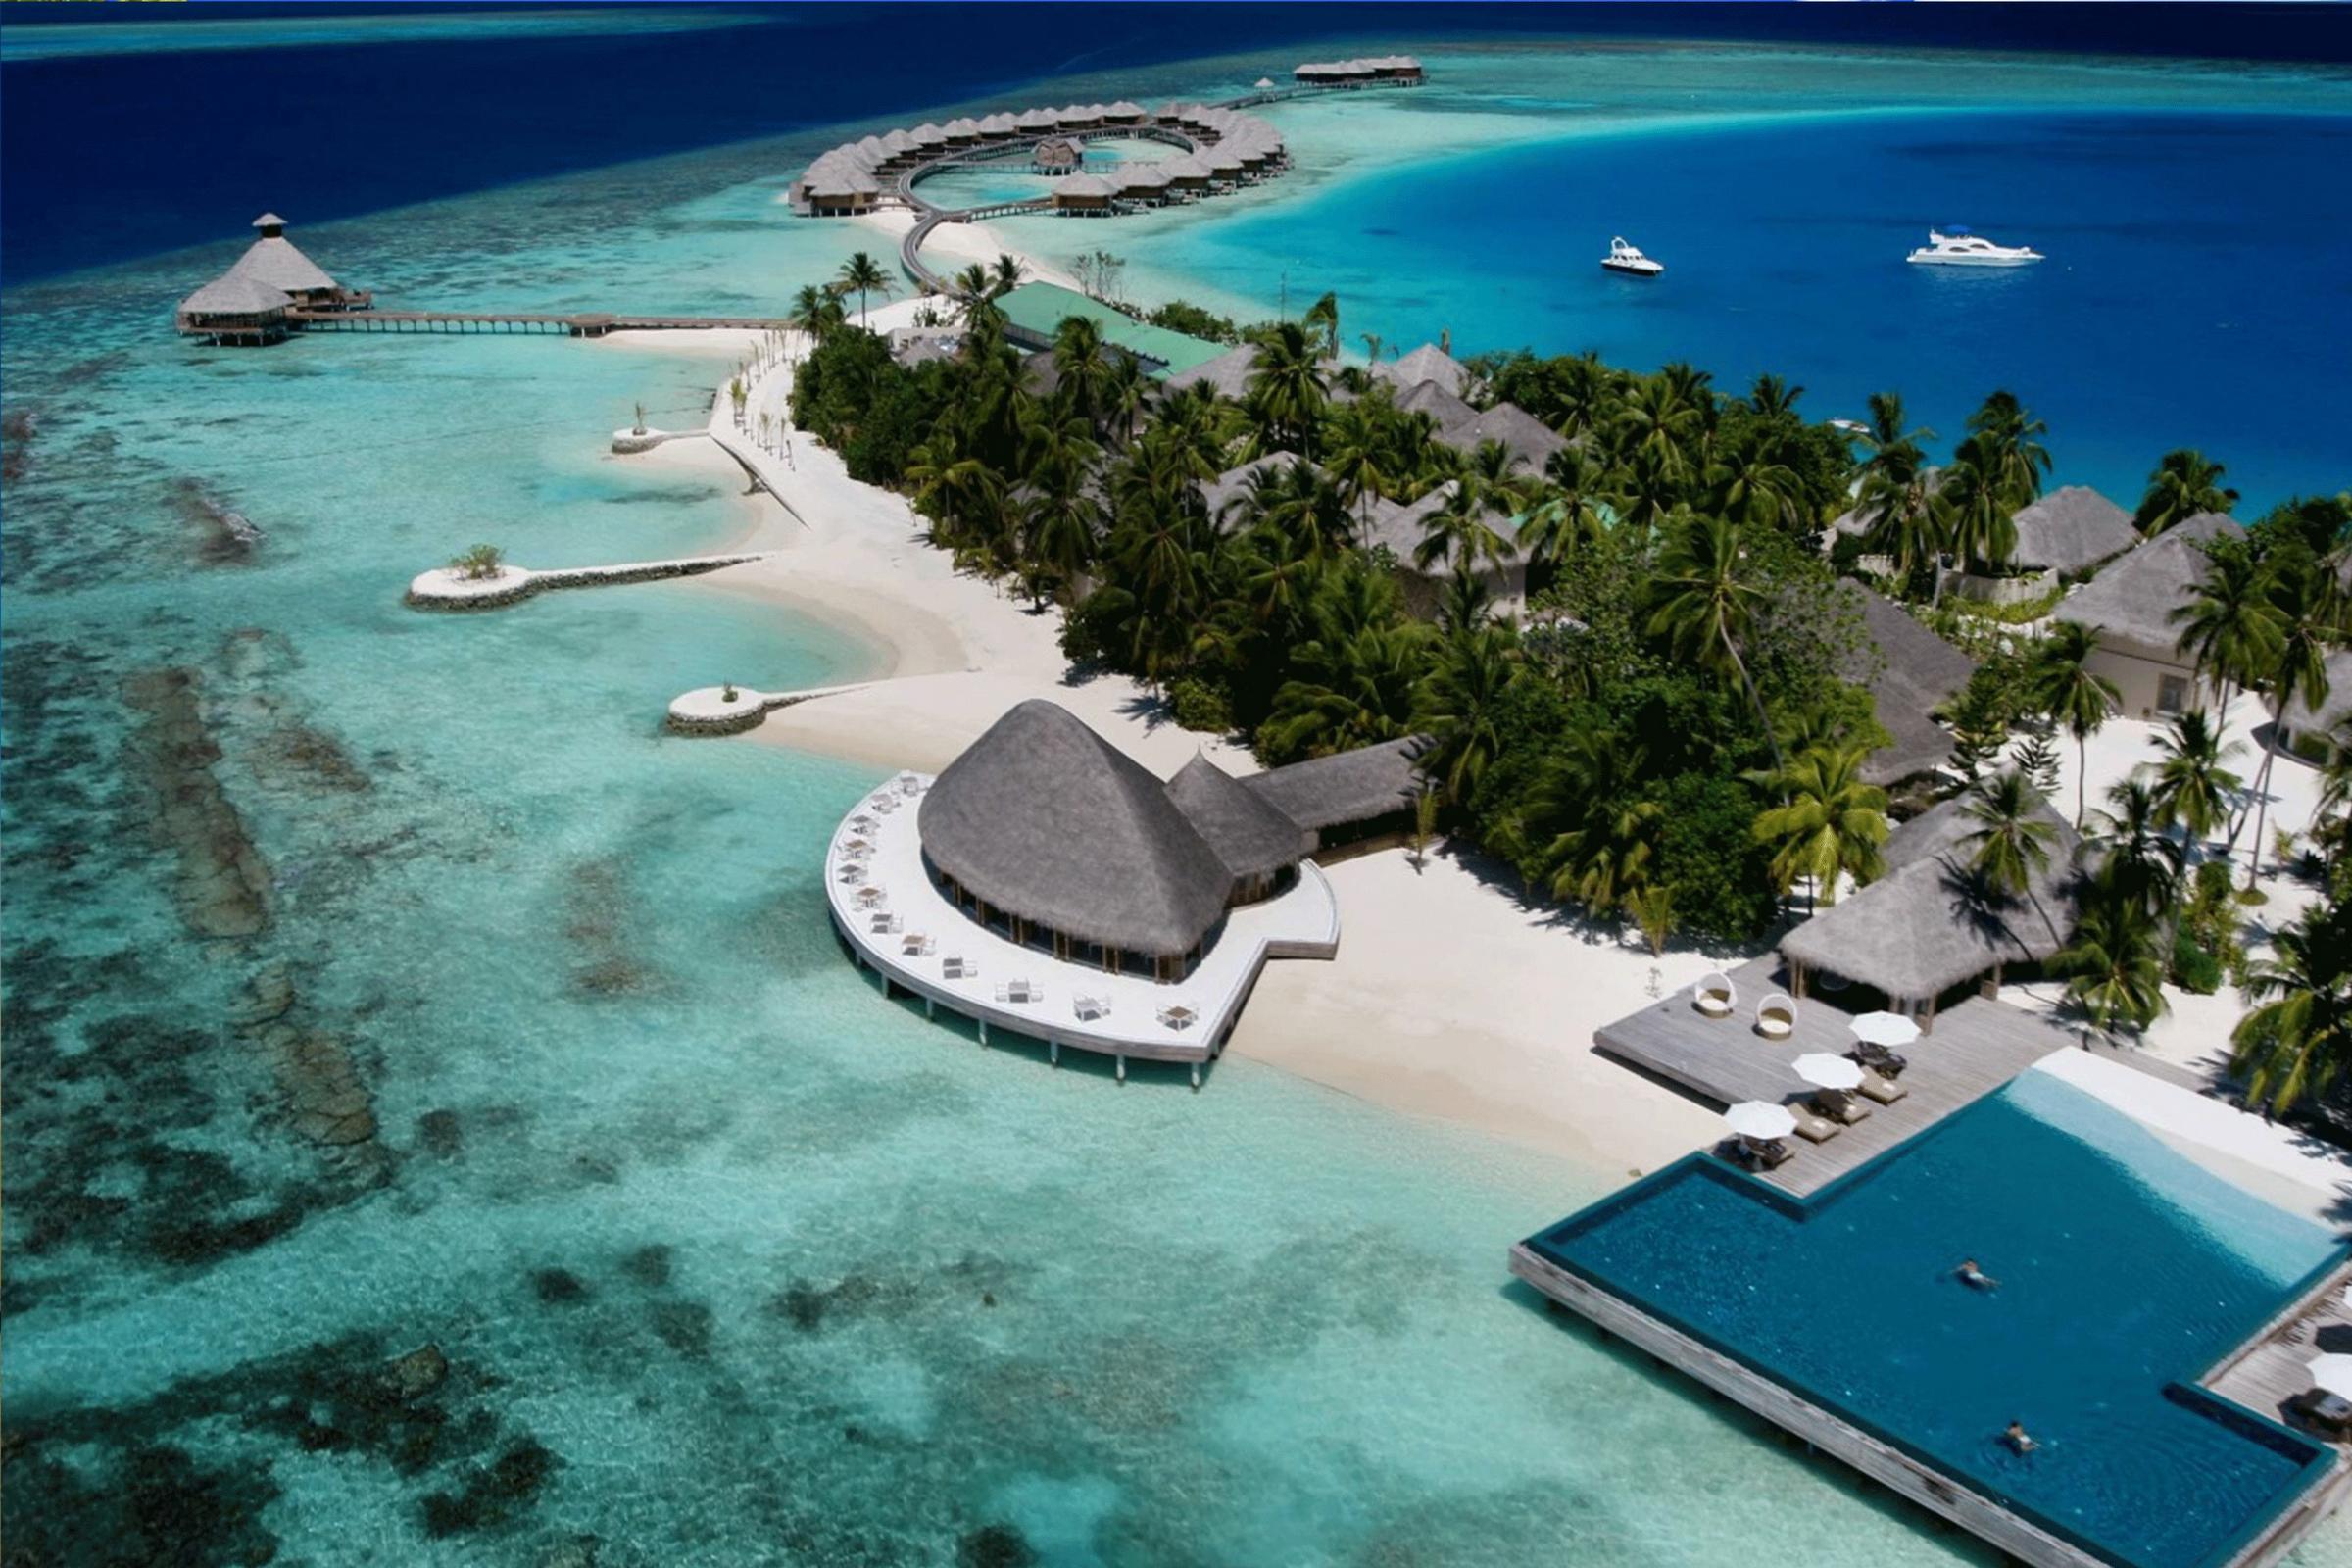 马尔代夫,极致的美景!